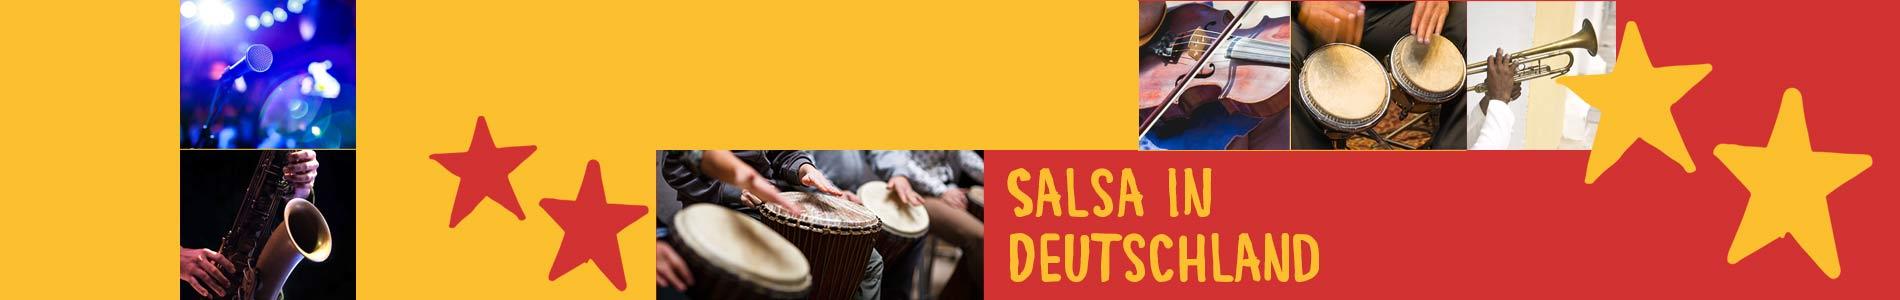 Salsa in Buttstädt – Salsa lernen und tanzen, Tanzkurse, Partys, Veranstaltungen